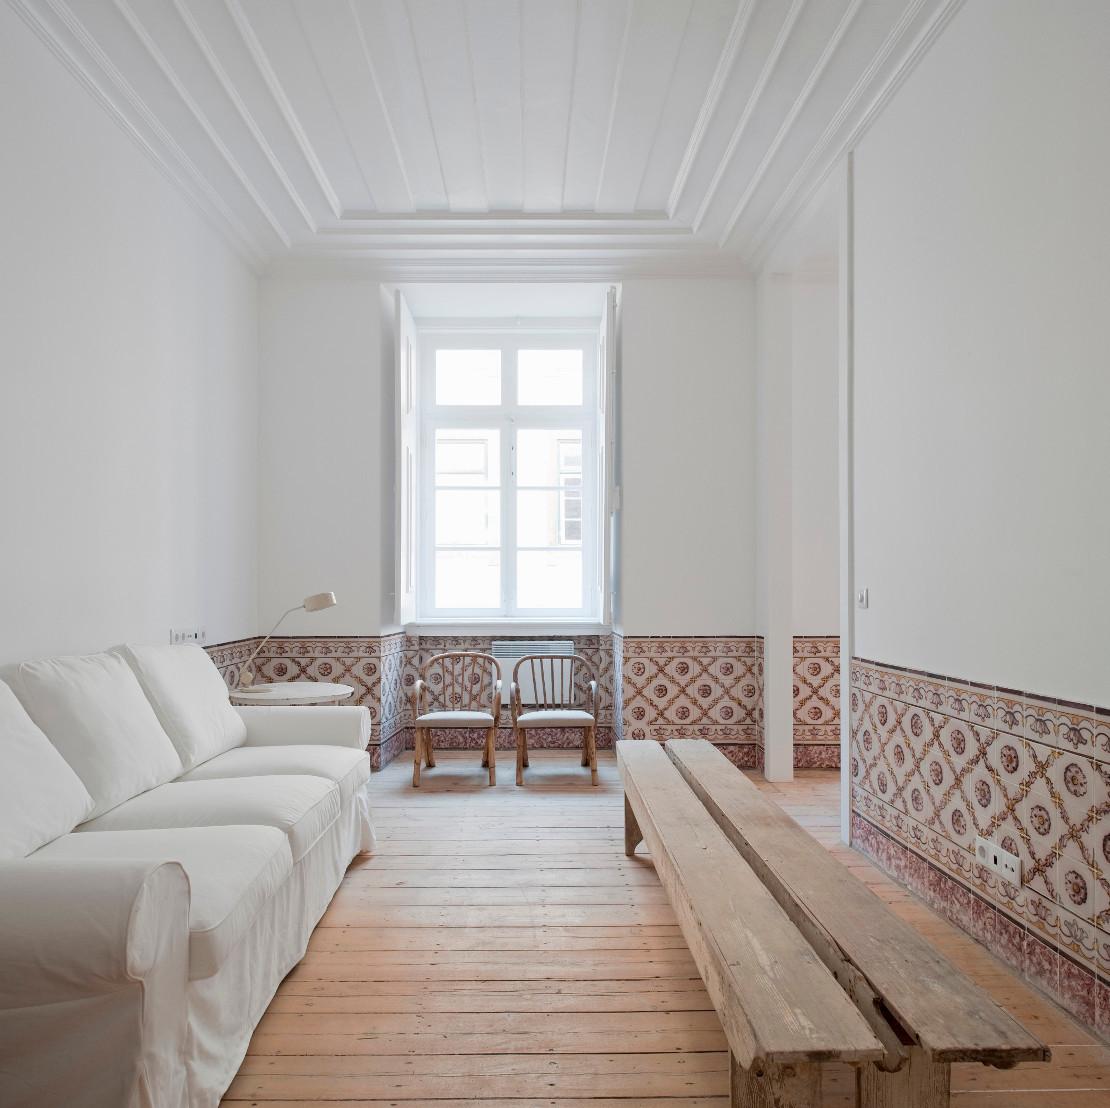 wohnzimmer boden trend:Keramik ist modisch, anspruchsvoll und originell. Deshalb hat es auch